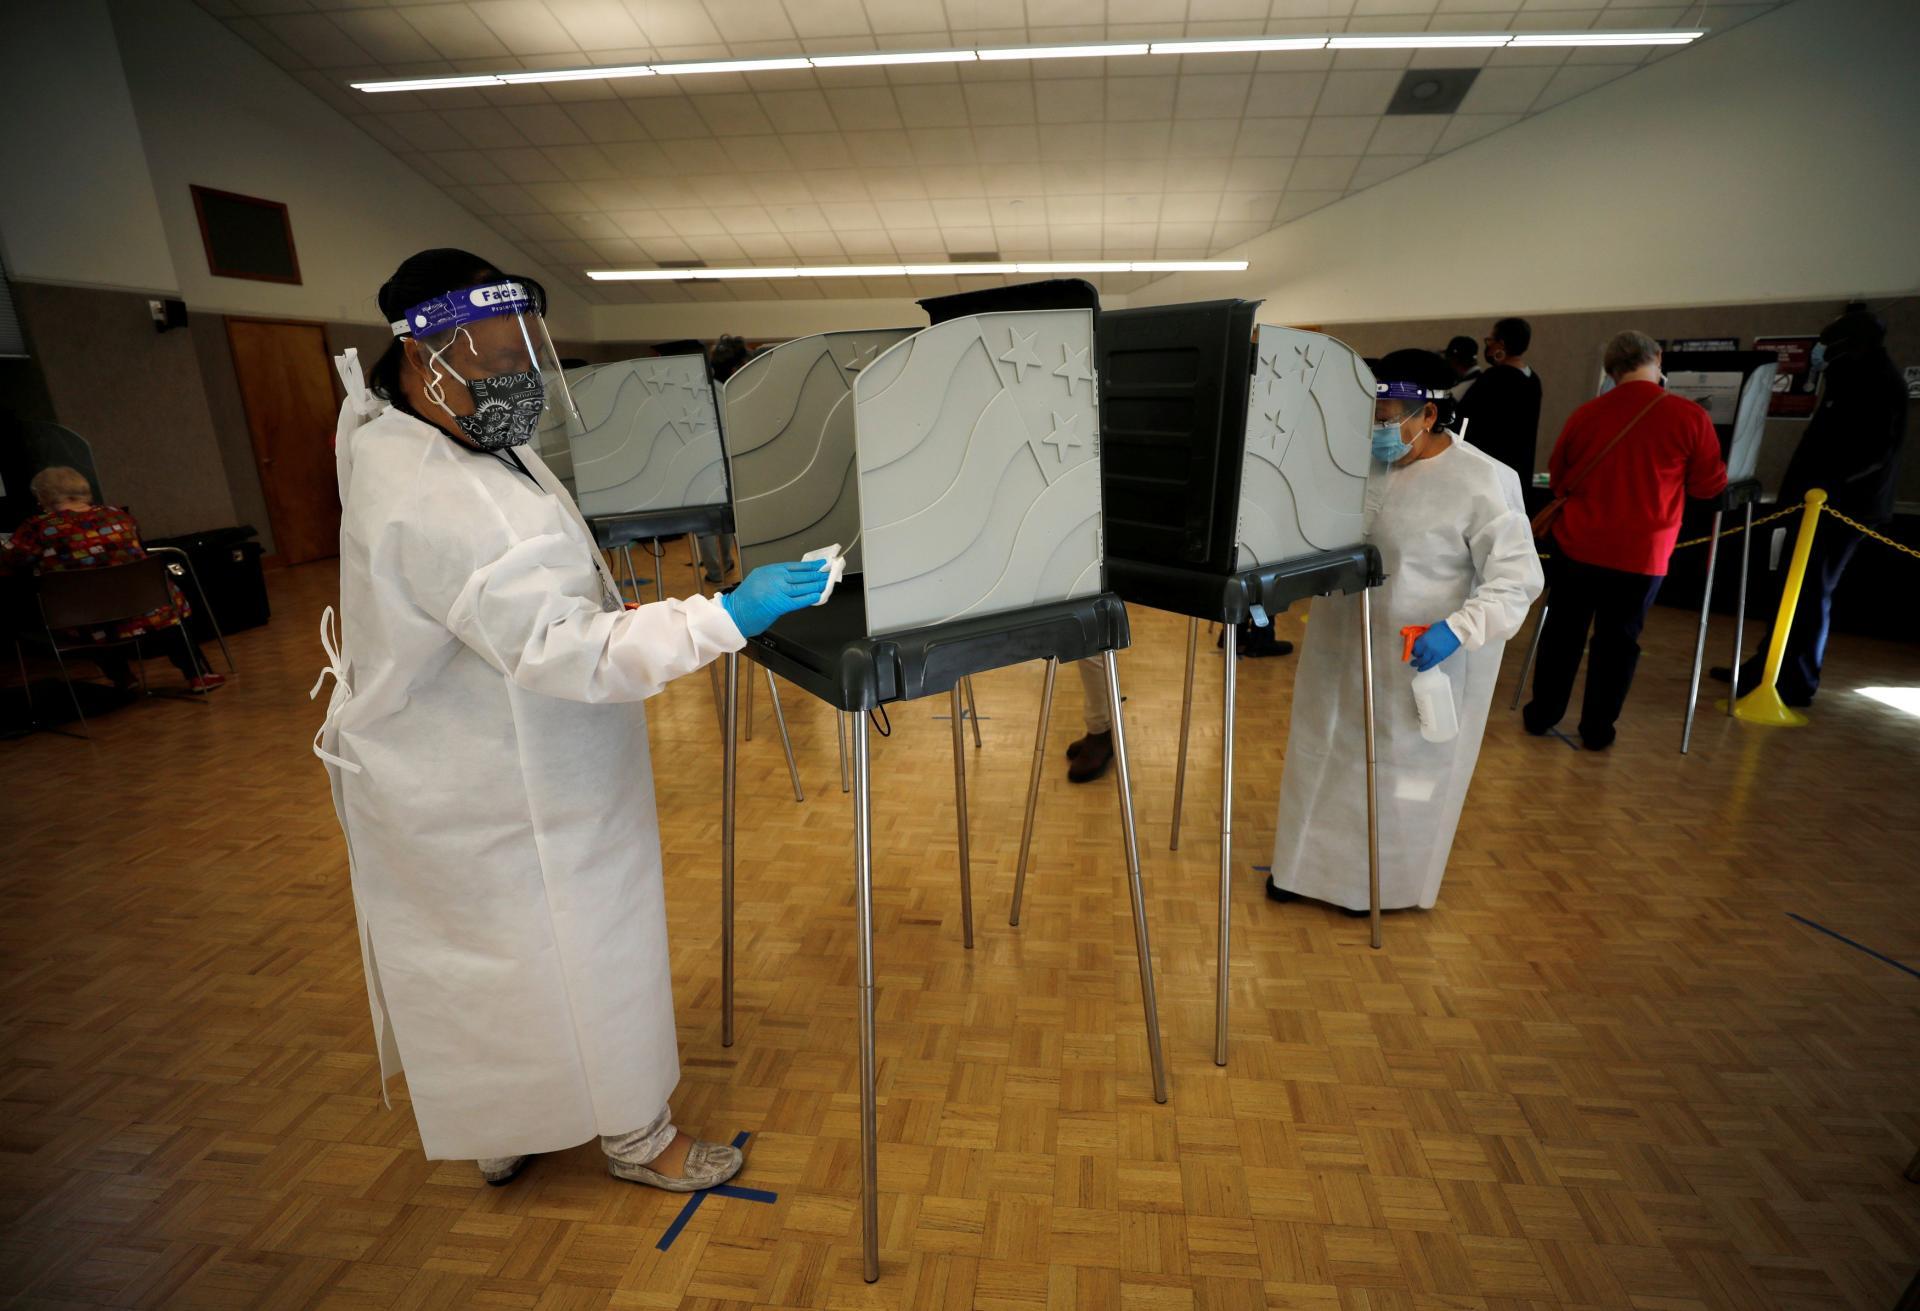 Afin d'organiser le vote lors de l'épidémie de Covid-19, les isoloirs du bureau de vote de Durham, en Caroline du Nord, sont désinfectés avant chaque utilisation, ce jeudi 15 octobre.